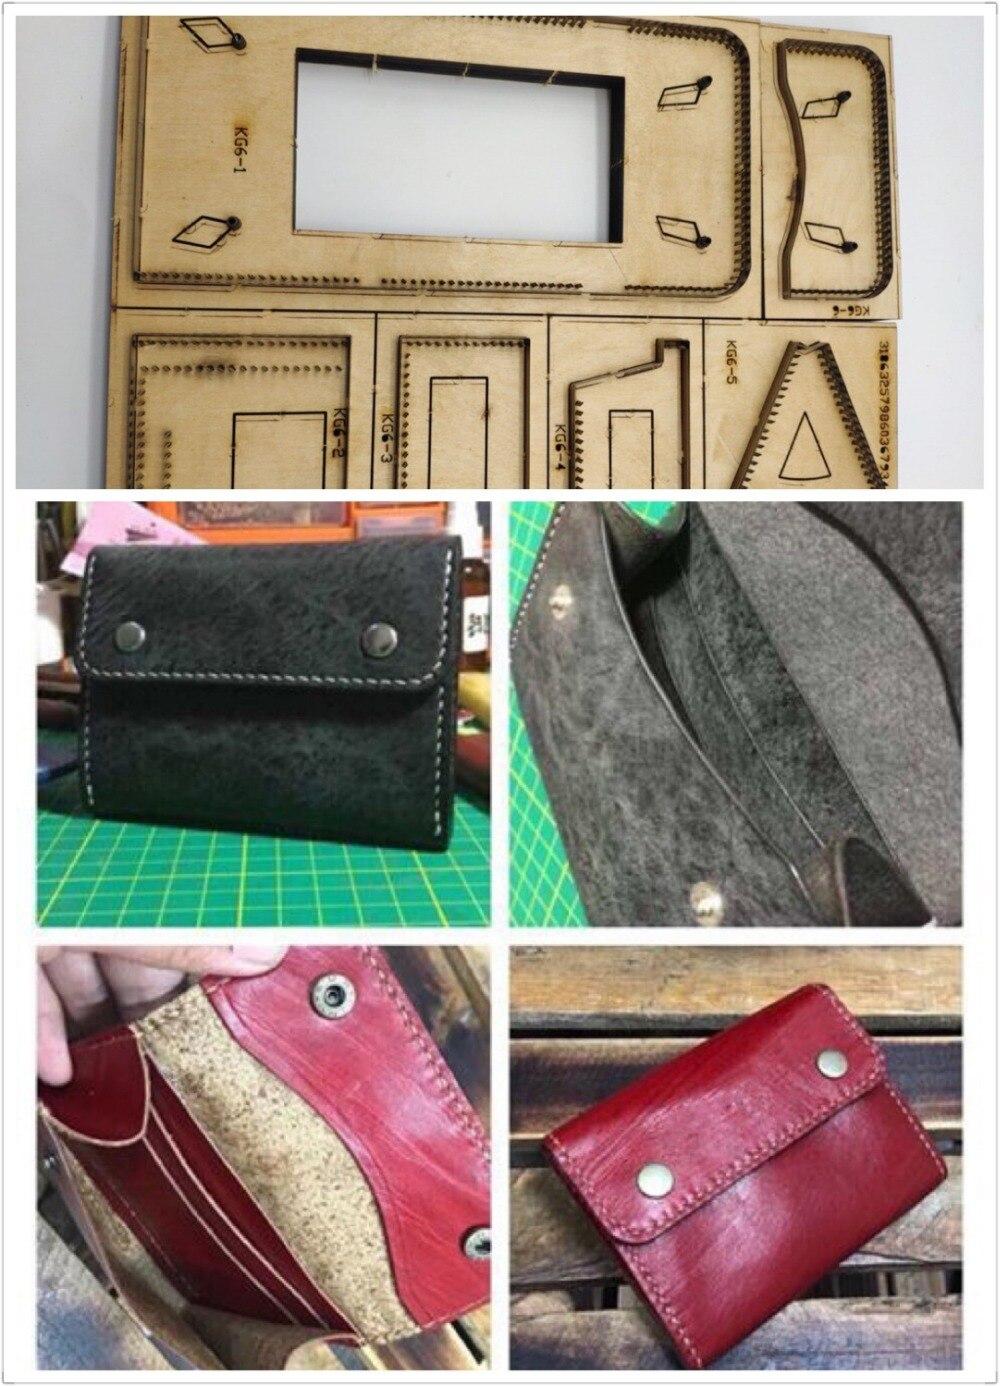 Cuir artisanat modèle cutter portefeuille porte carte découpe couteau moule en cuir trou poinçons outil ensemble deri el aletleri